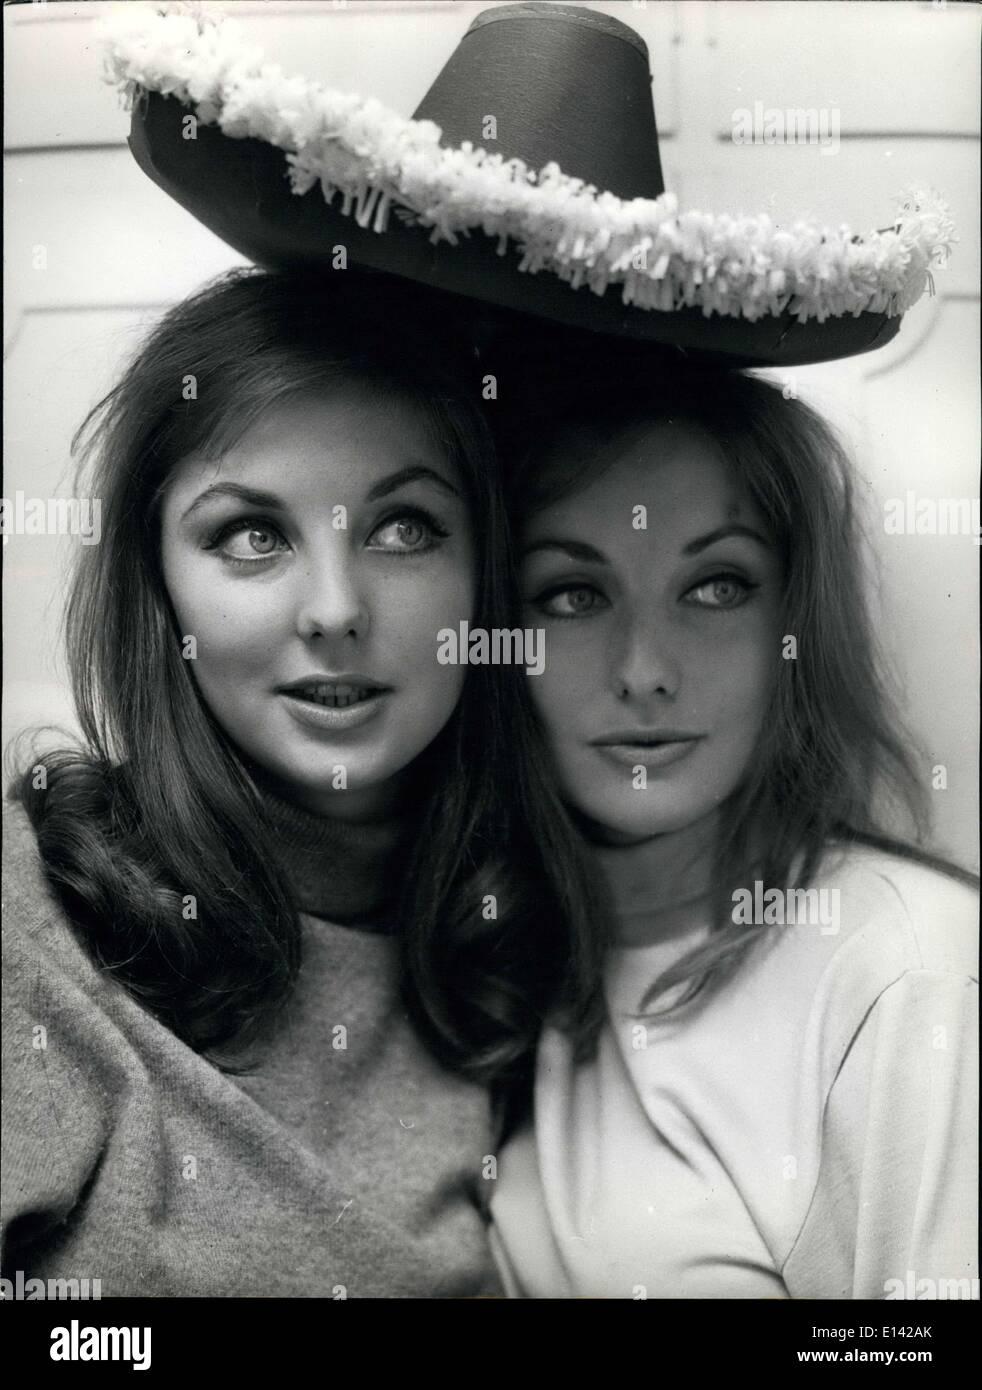 Marzo 31, 2012 - Mia y Pia Gemberg los gemelos más famosos de Roma: la alemana Pia Gemberg gemelos Mia y los Imagen De Stock